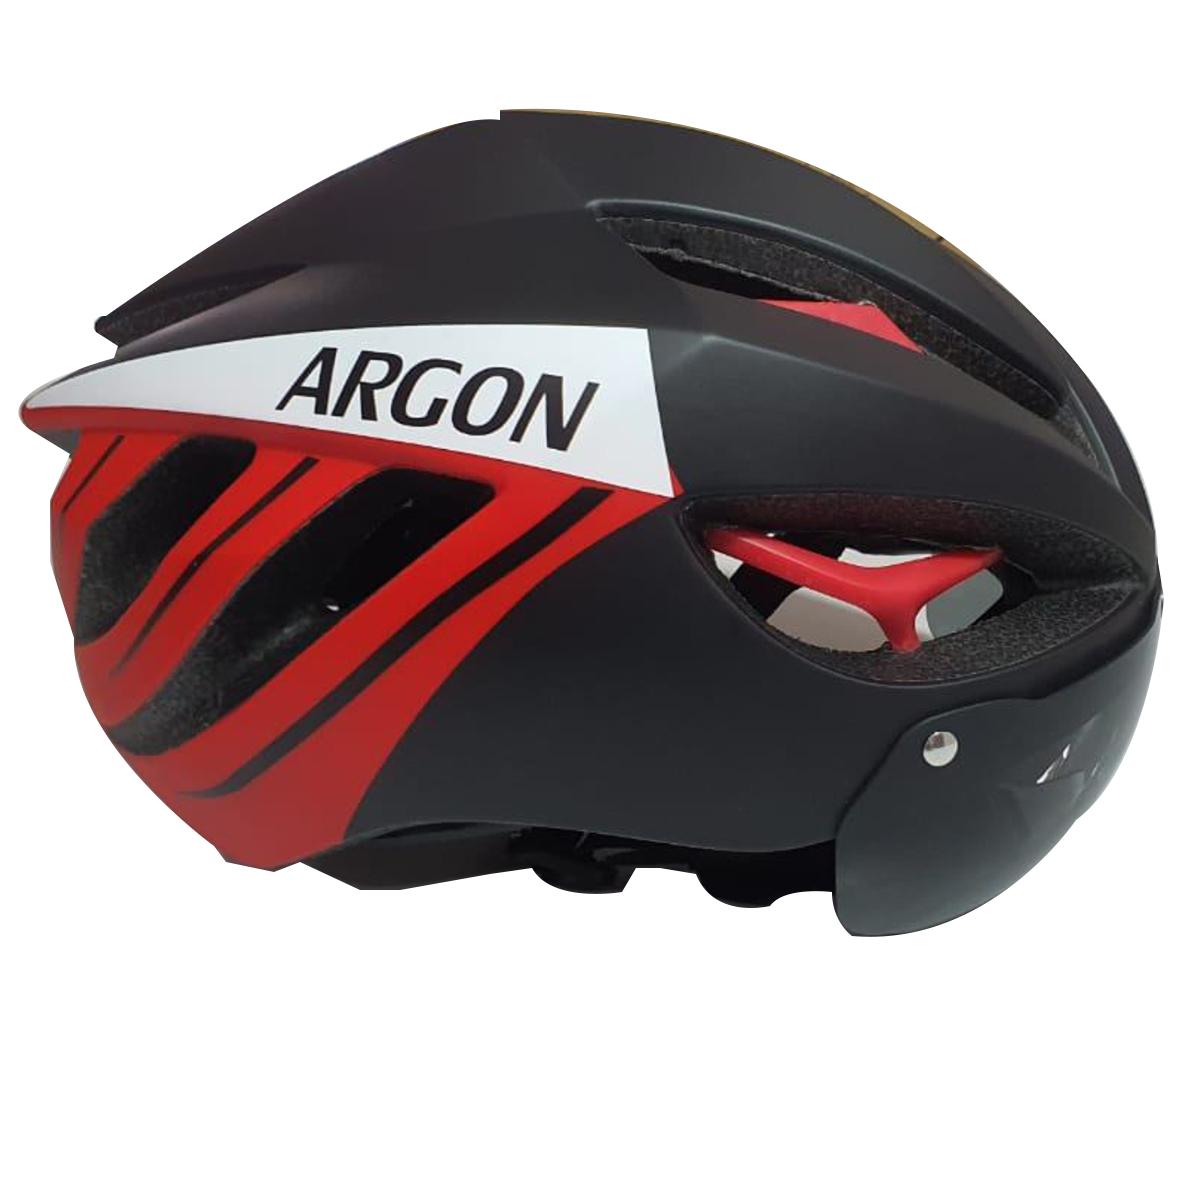 Capacete Argon TT 7 Ciclismo Mtb C/ Óculos Magnético S/ Led